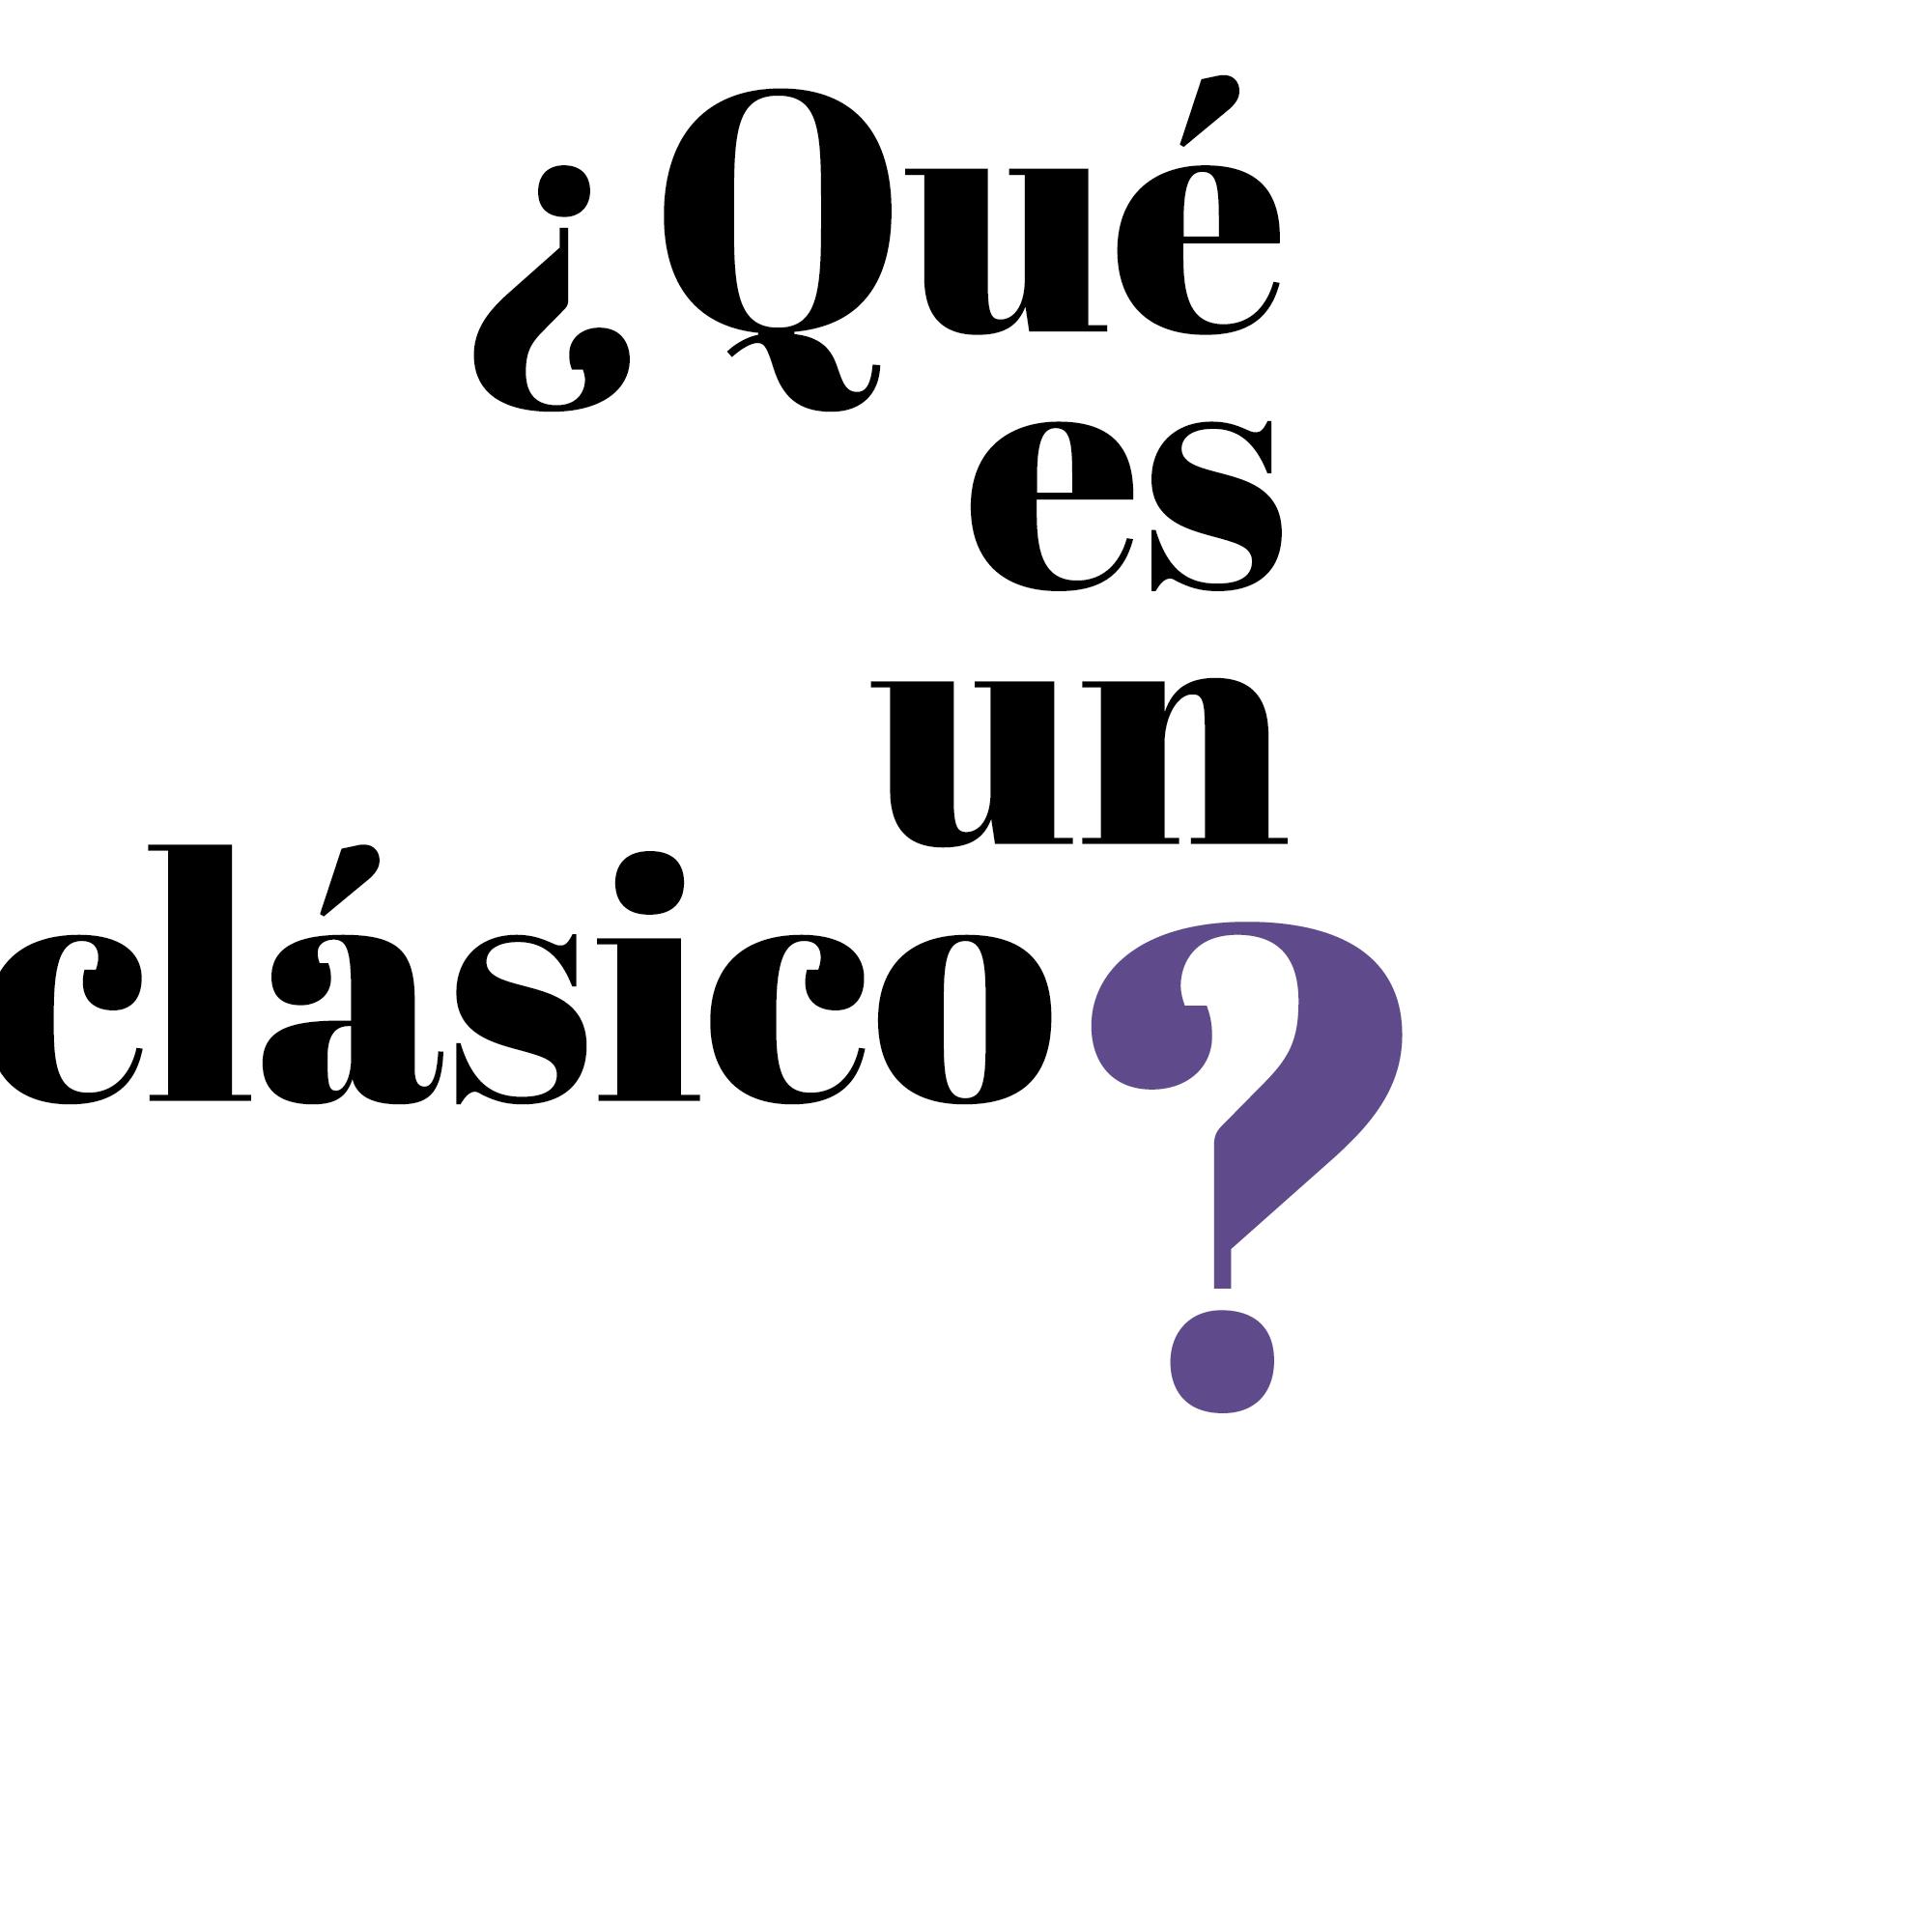 HL---Clasico-N